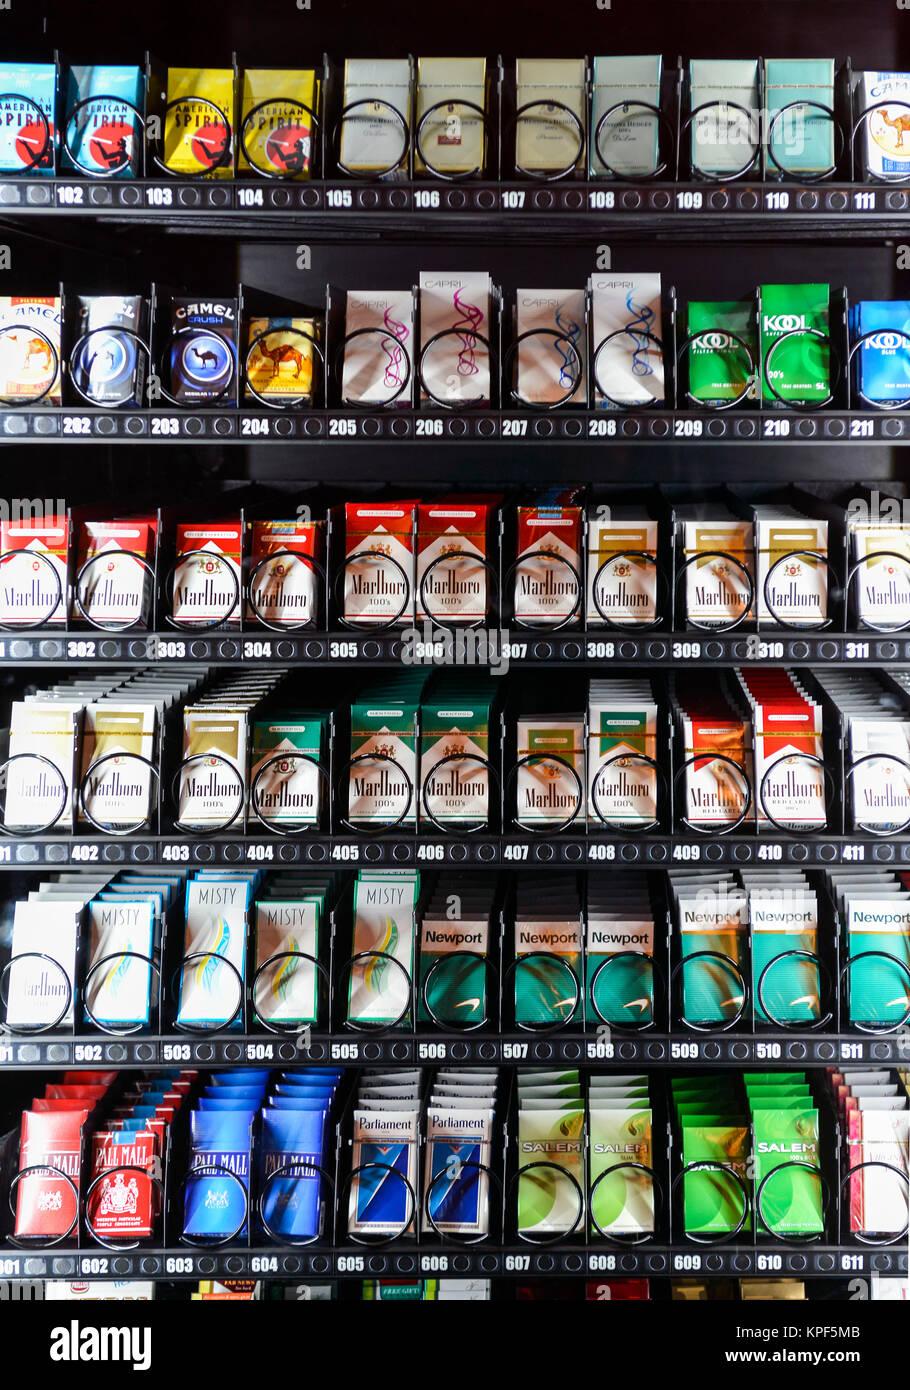 Une machine à Cigarette moderne avec diverses brnads de cigarettes sur l'affichage pour la vente Banque D'Images